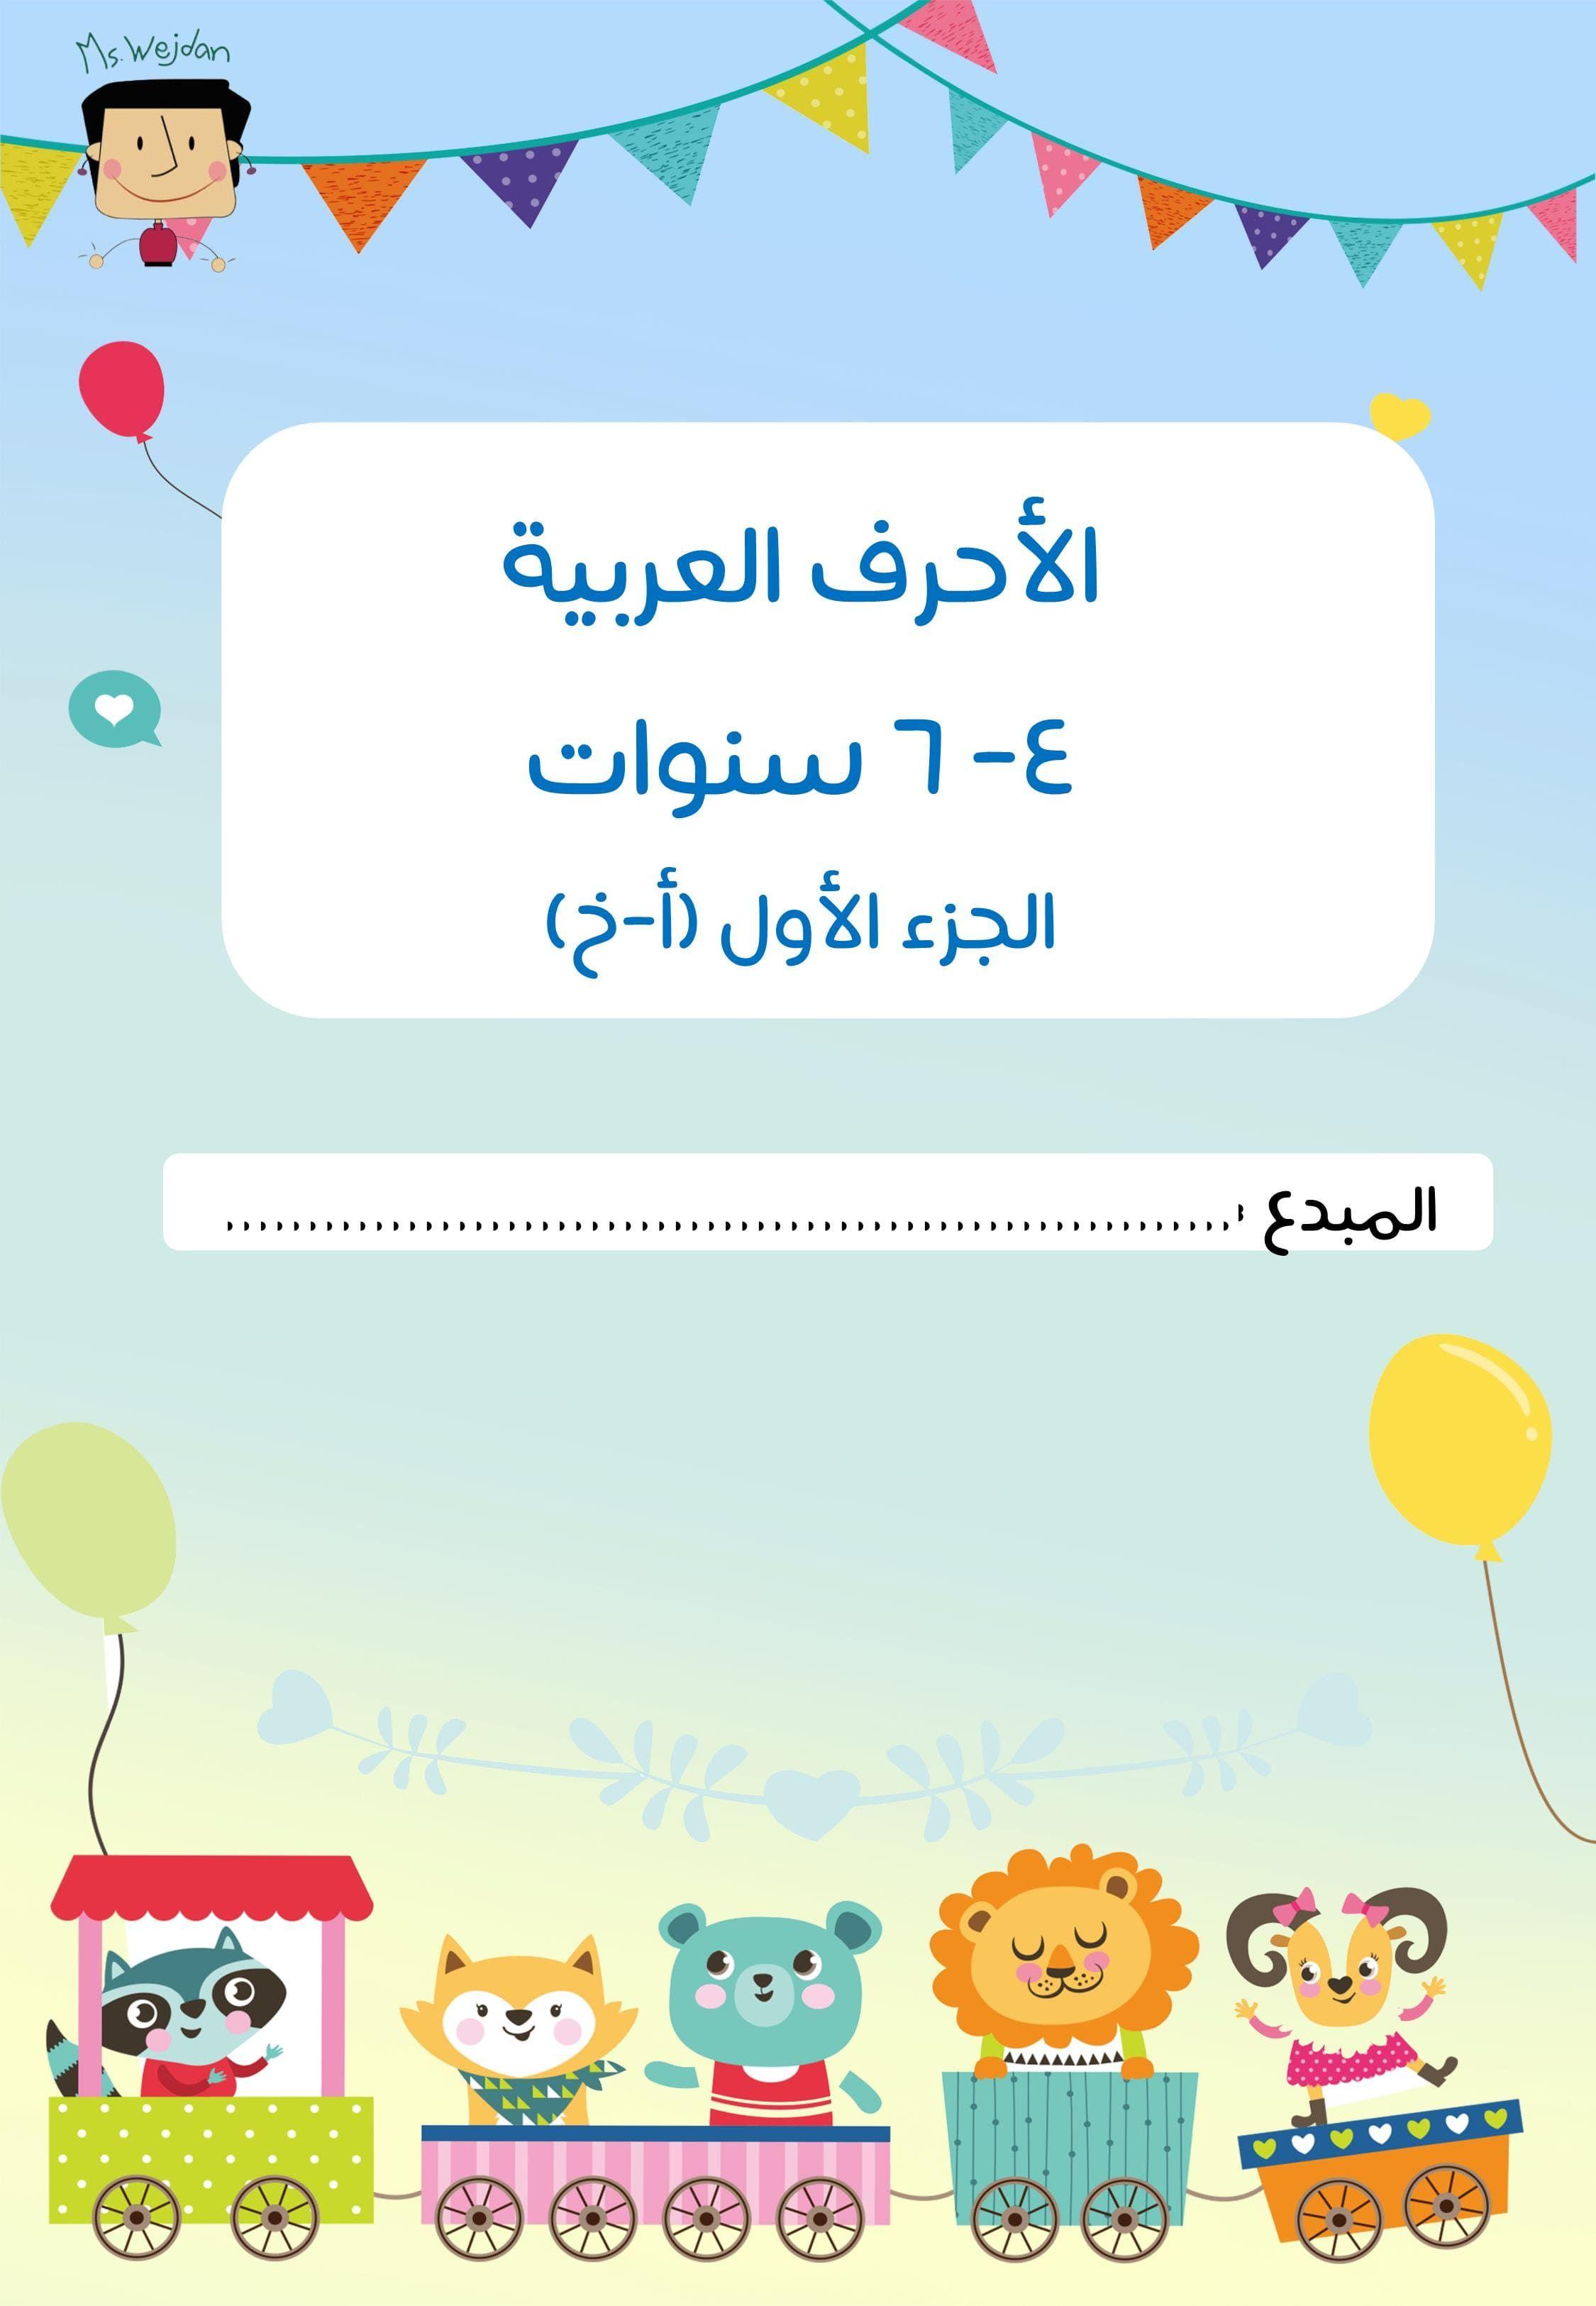 تعليم الحروف الهجائية من الالف الى الخاء مع التدريبات مميزة المعلمة أسماء Arabic Kids Muslim Kids Activities Arabic Alphabet For Kids